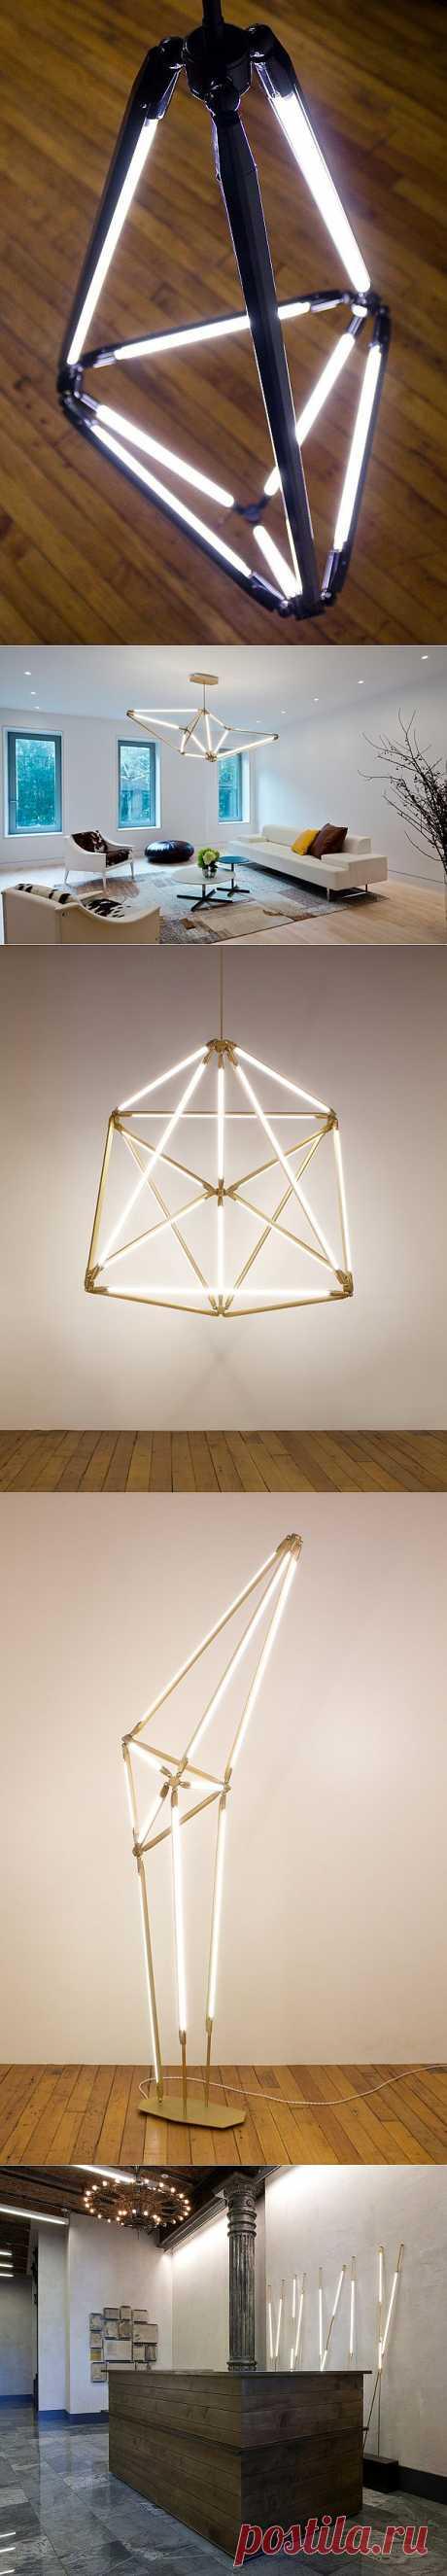 Светильники в форме геометрических фигур. - Мир отделки и ремонта